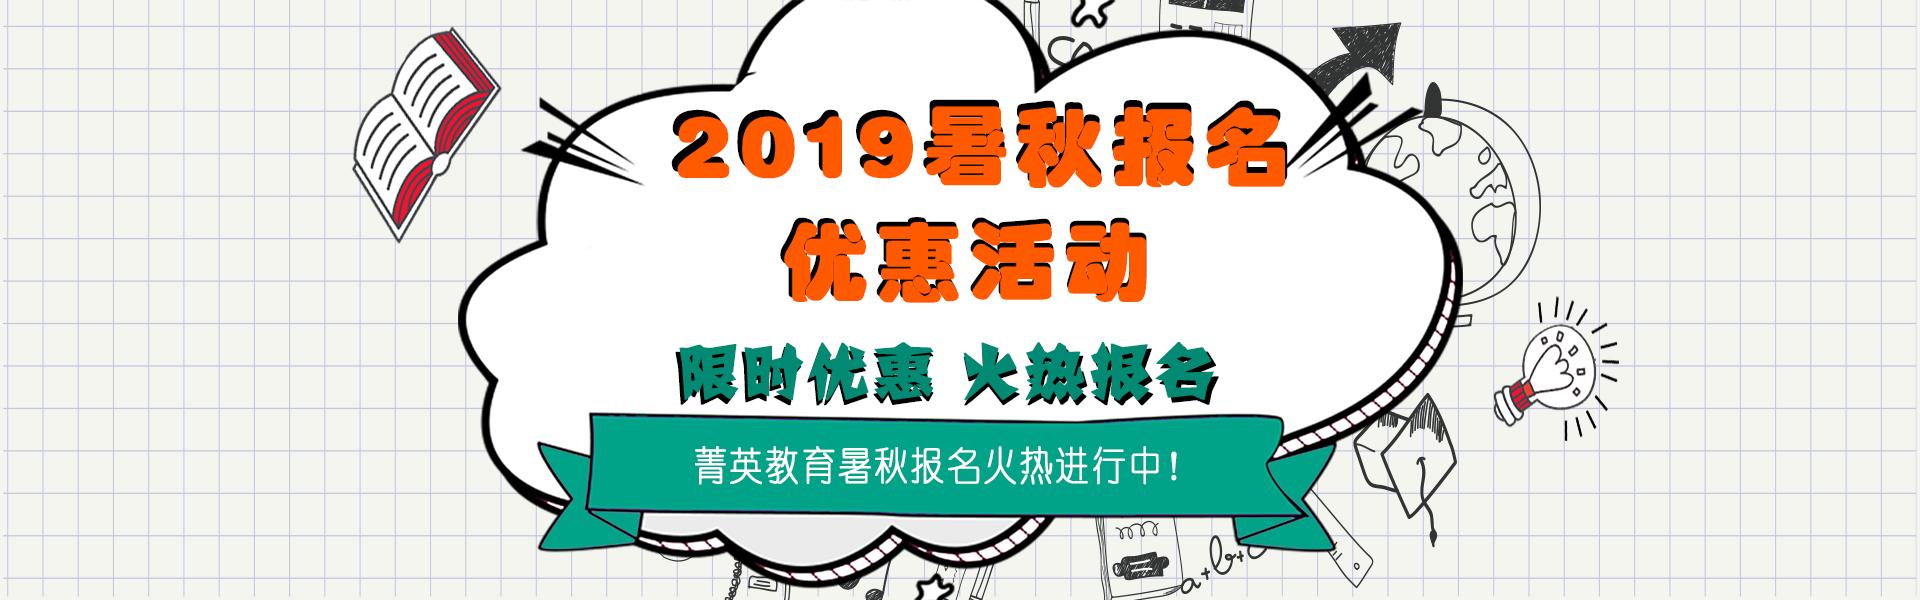 2019暑秋優惠